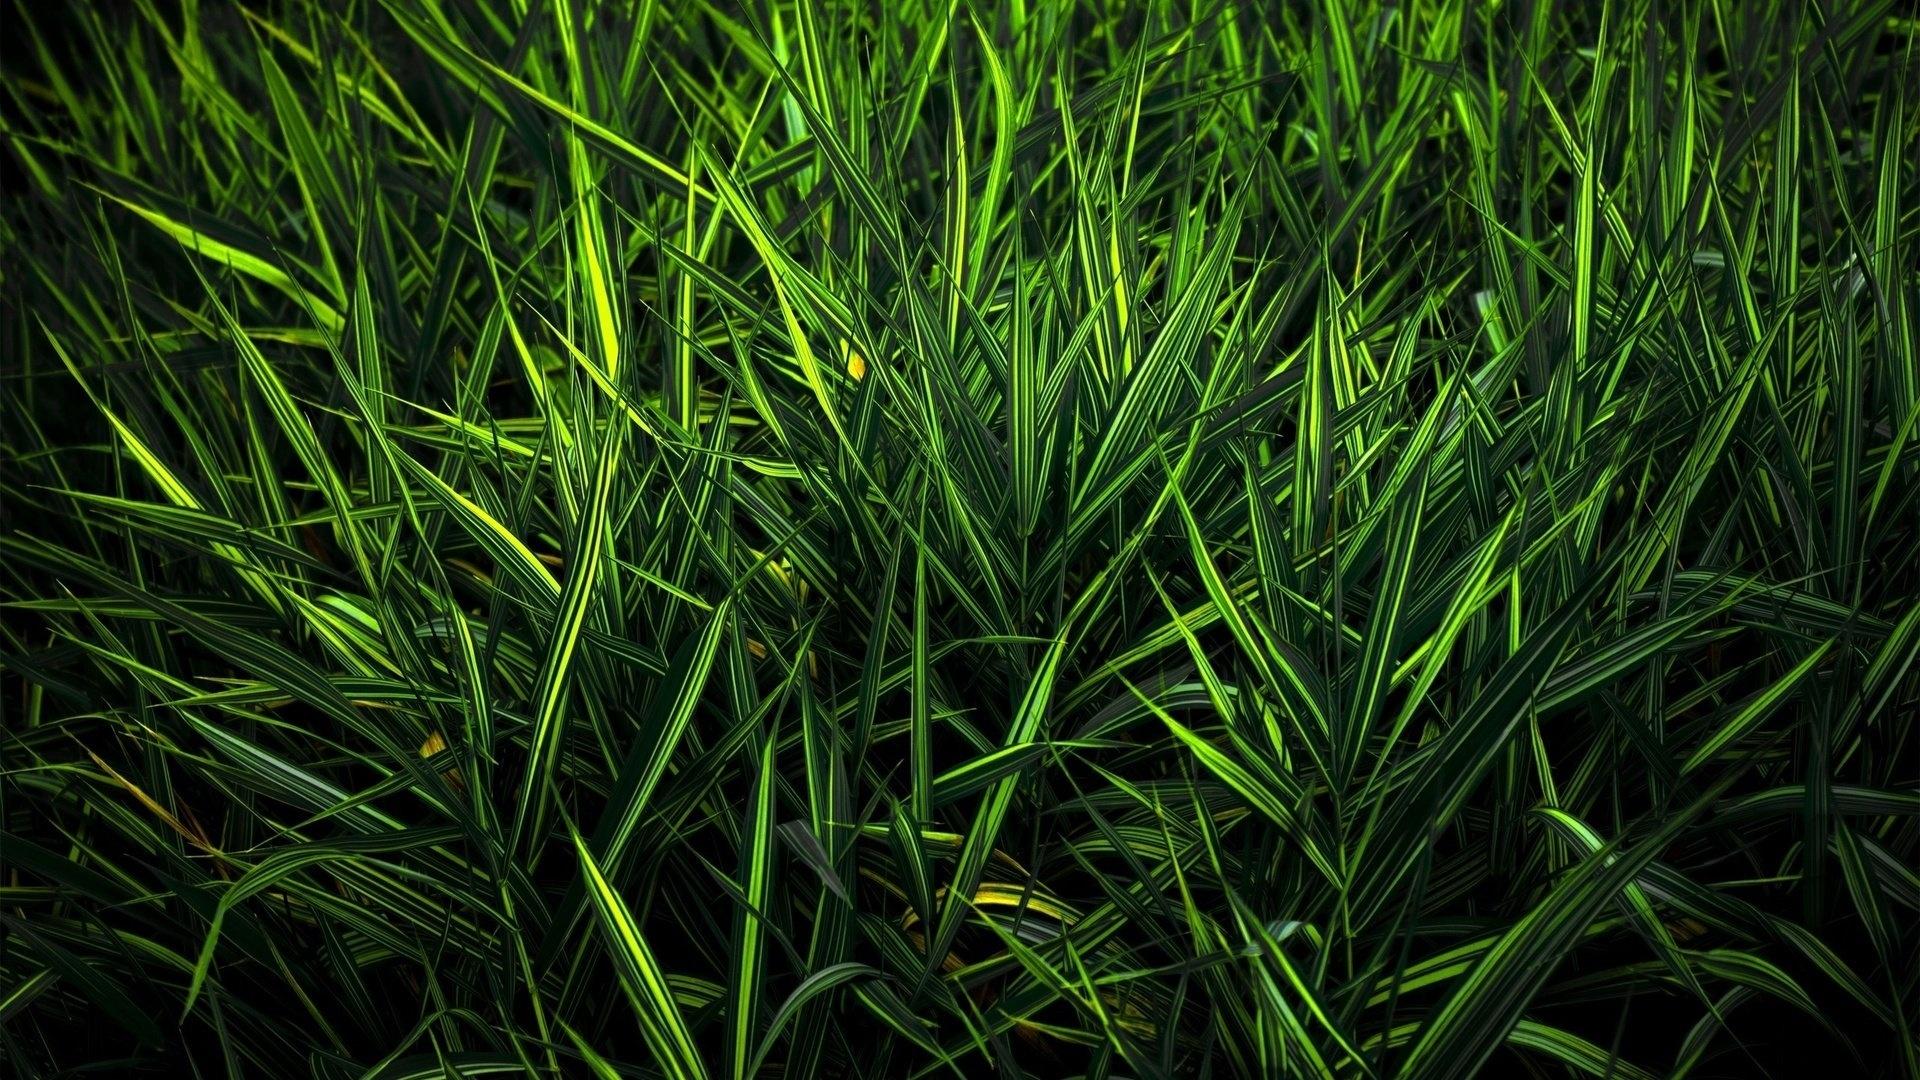 Green Grass wallpaper for desktop